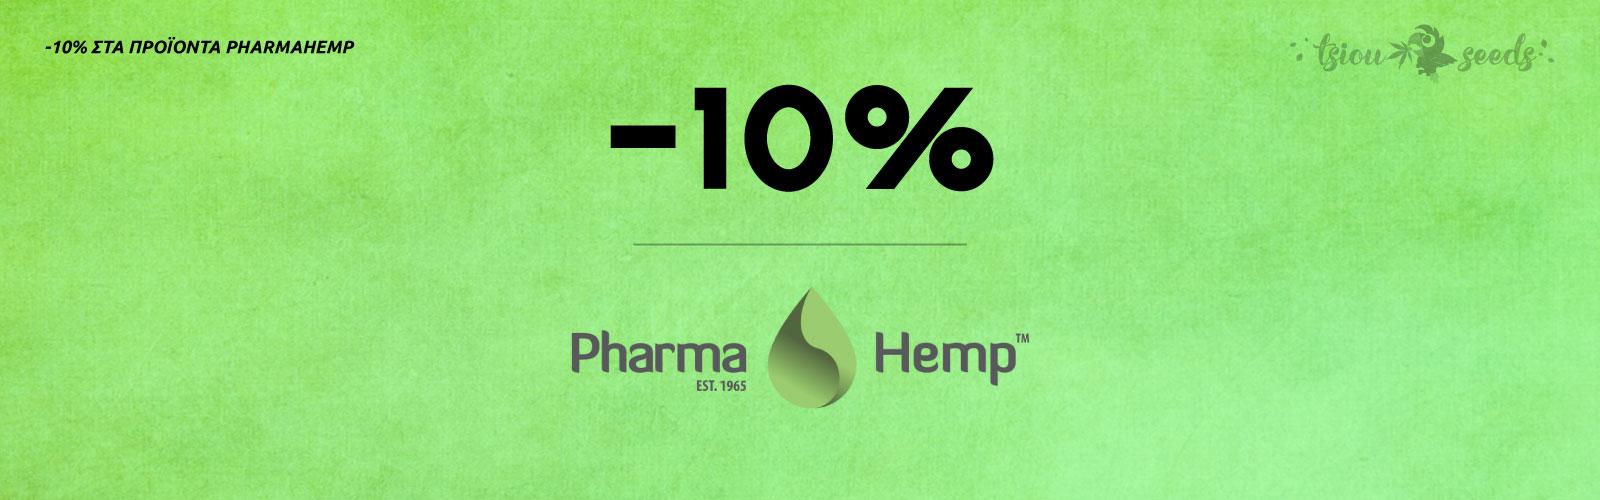 Pharmahemp-Offer-10